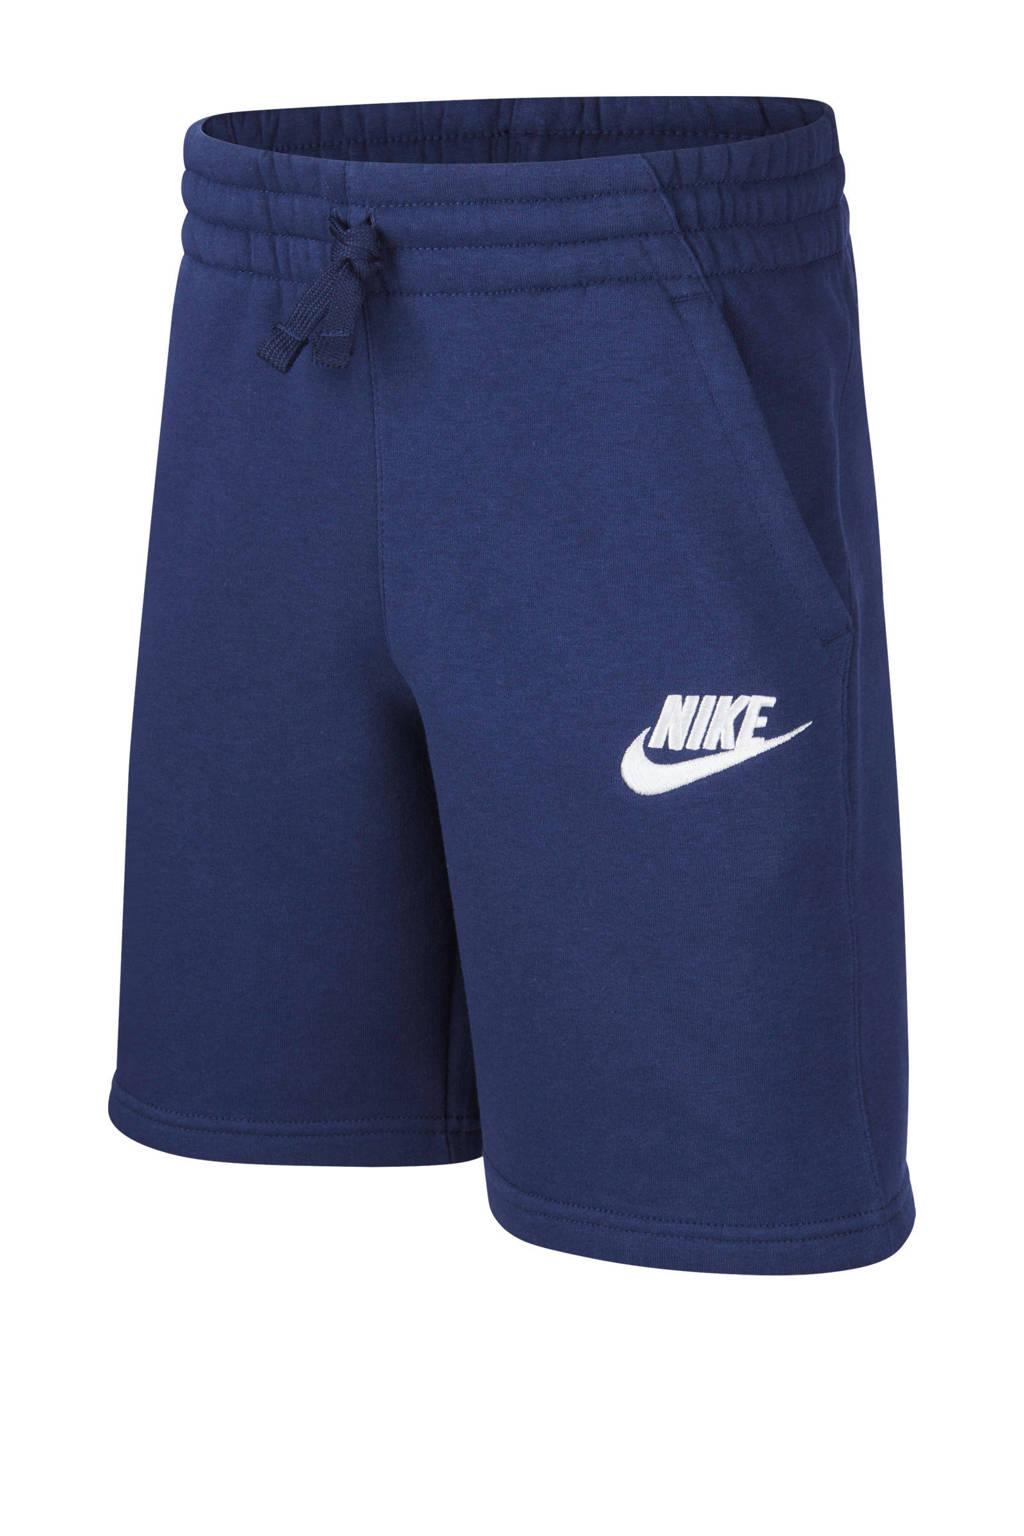 Nike sweatshort donkerblauw, Donkerblauw